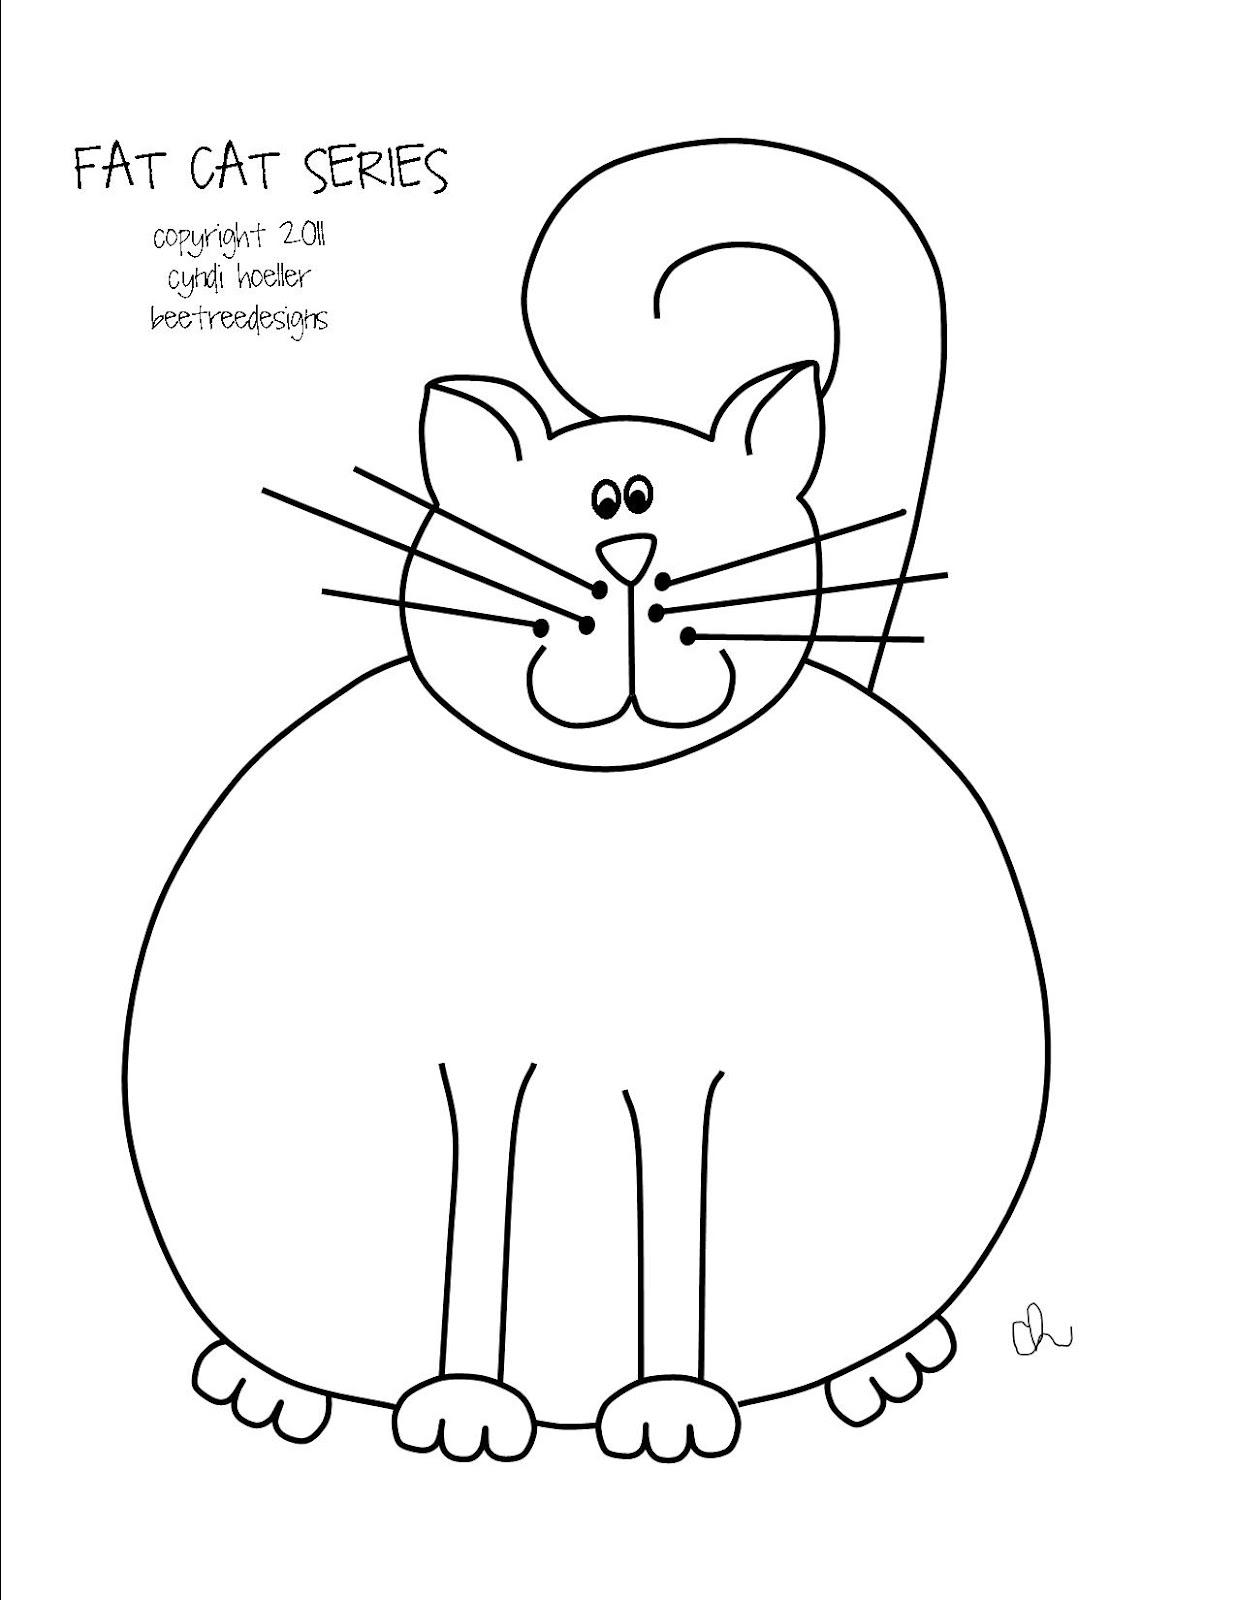 1236x1600 Stitch, Stitch, Stitch Freebie Fat Cat